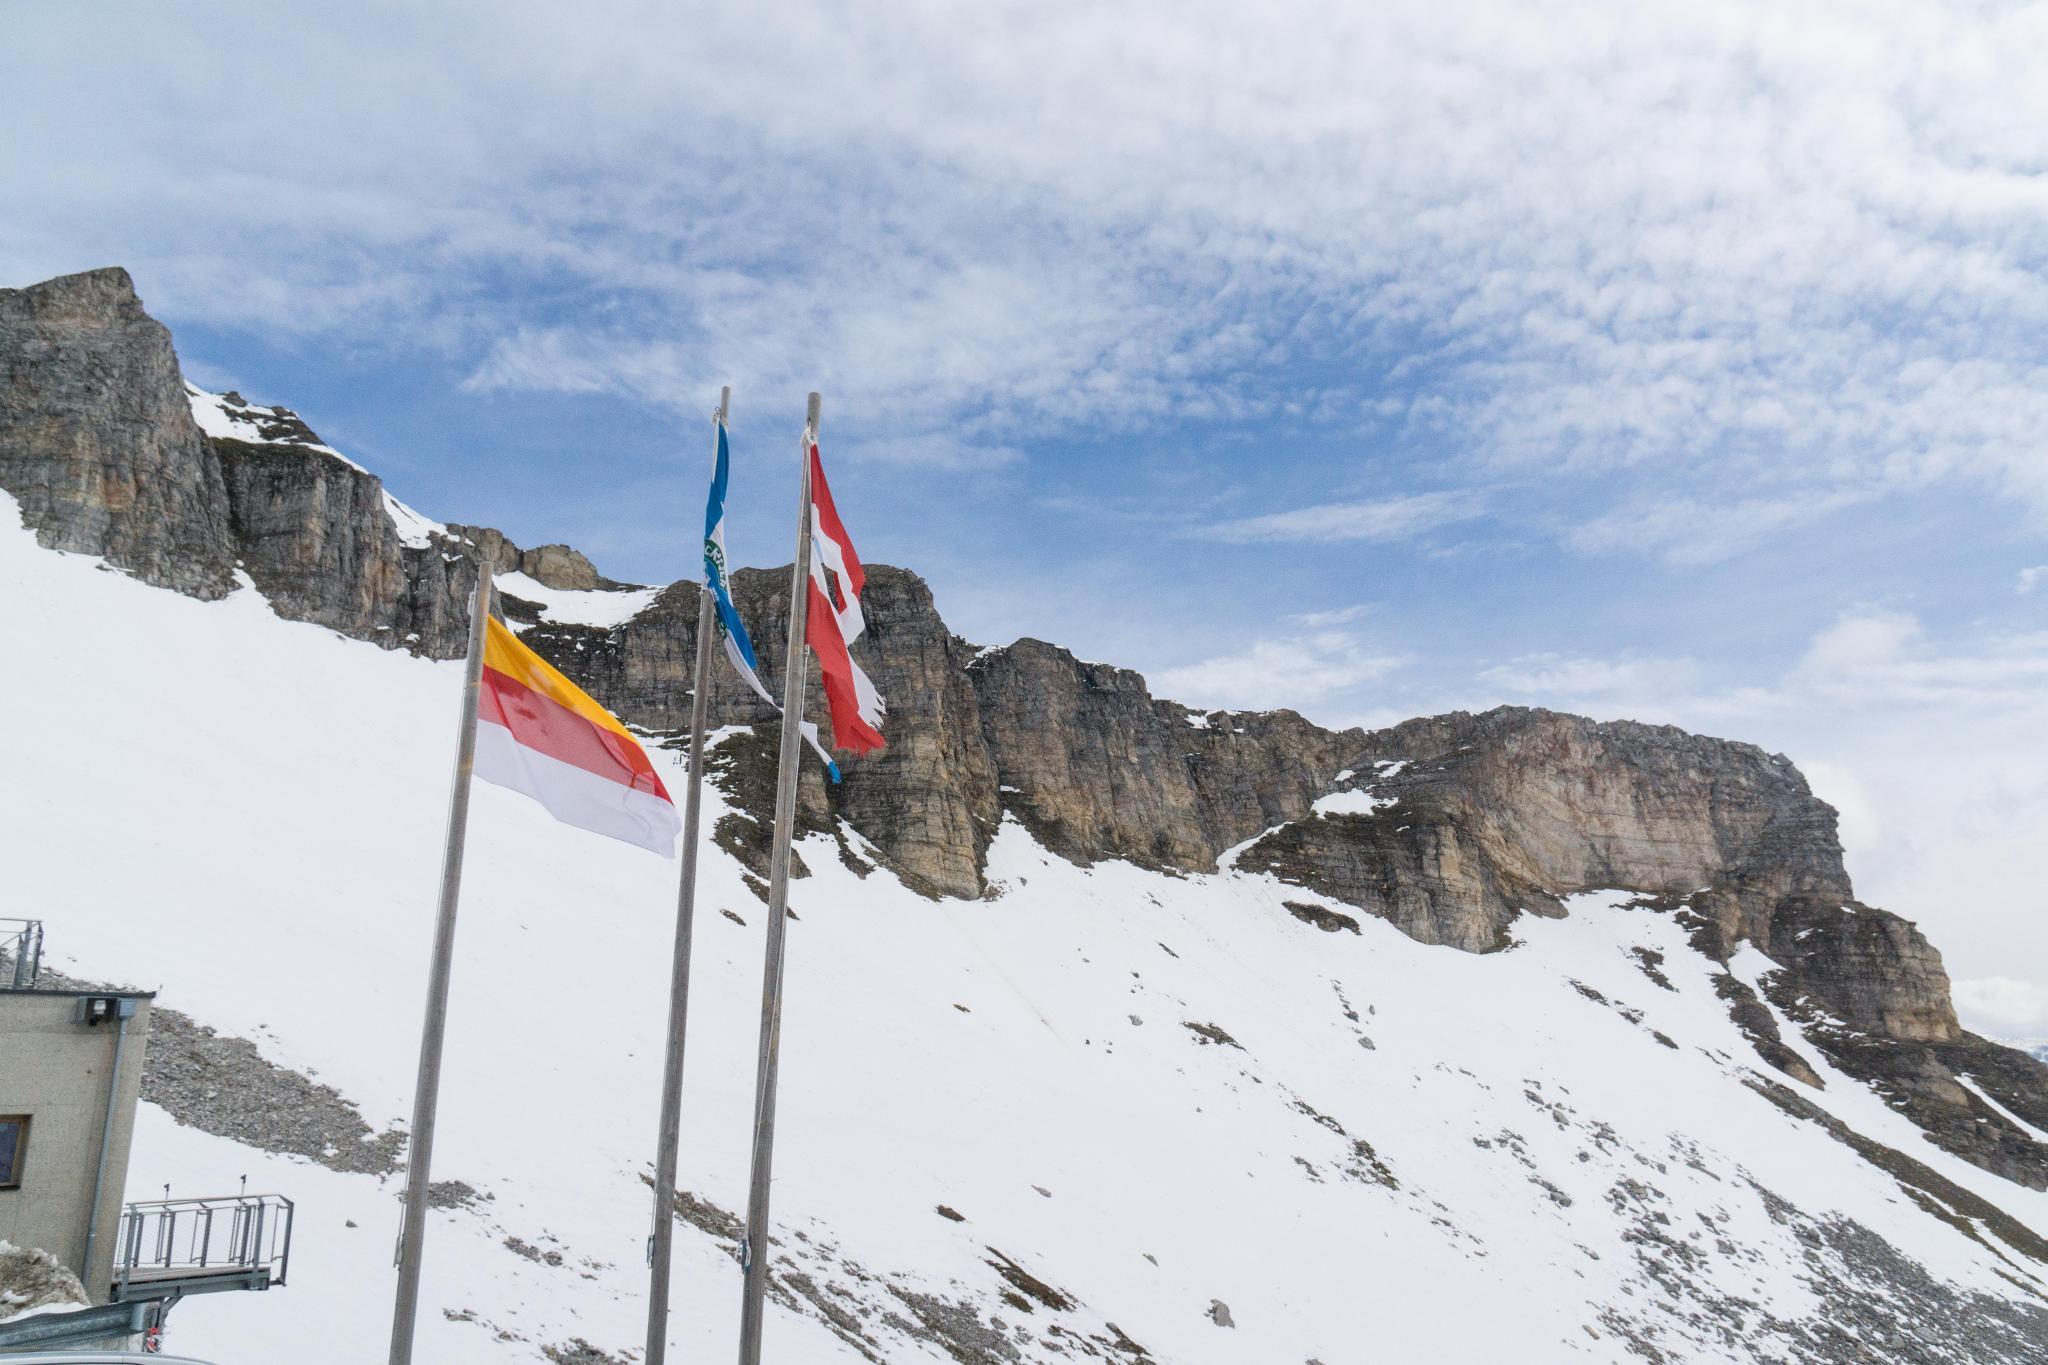 【奧地利】穿越阿爾卑斯之巔 — 奧地利大鐘山冰河公路 (Grossglockner High Alpine Road) 42